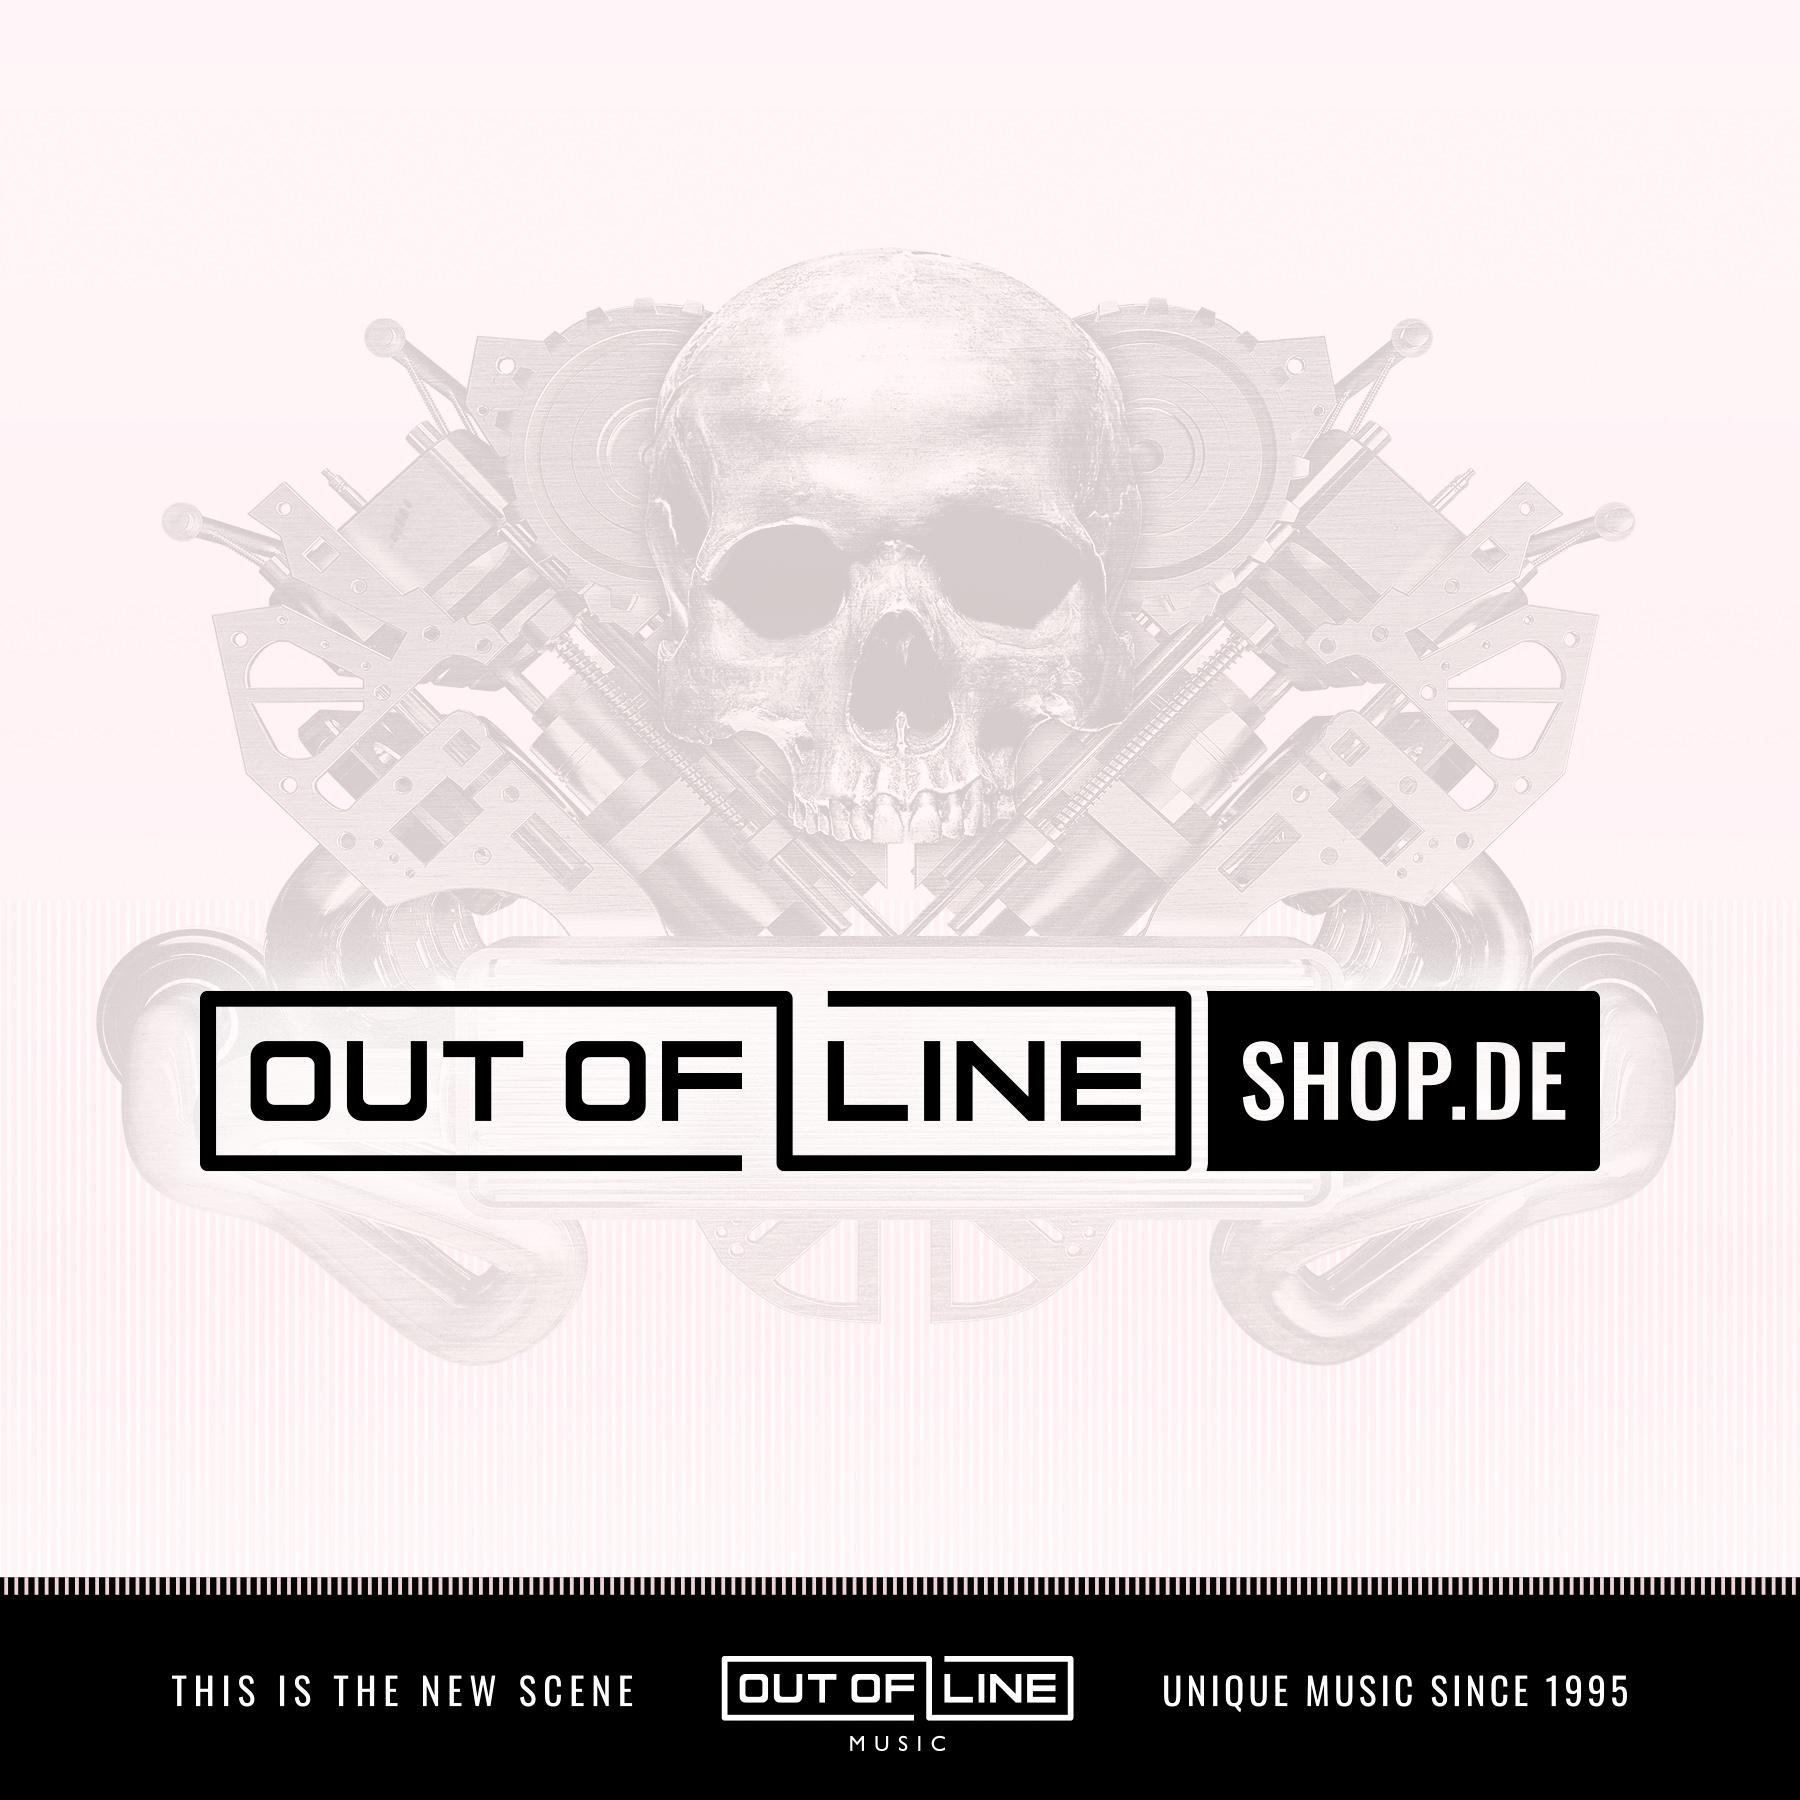 Blutengel - We Stay Live Together - 03.10.20 - Freilichtbühne - Junge Garde/ Dresden